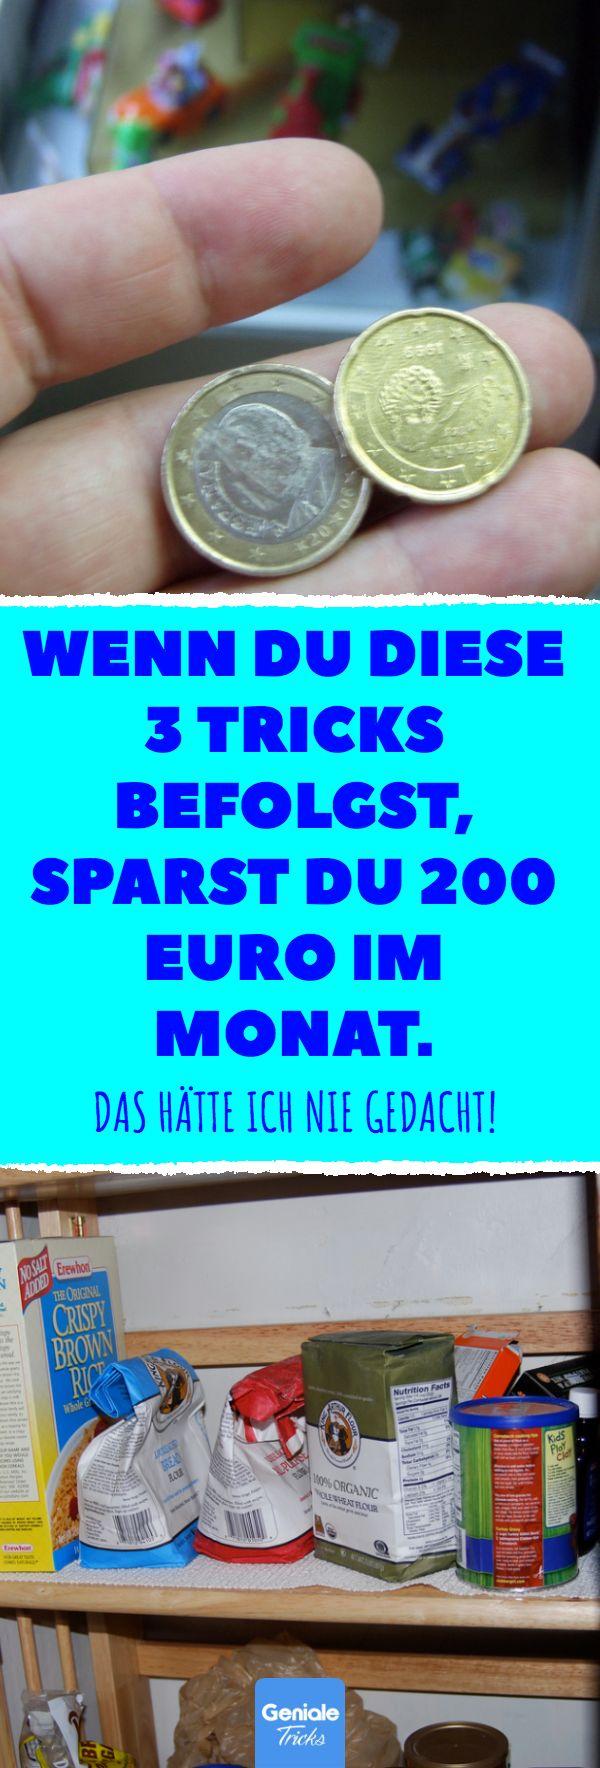 Wenn du diese 3 Tricks befolgst, sparst du 200 Eur…